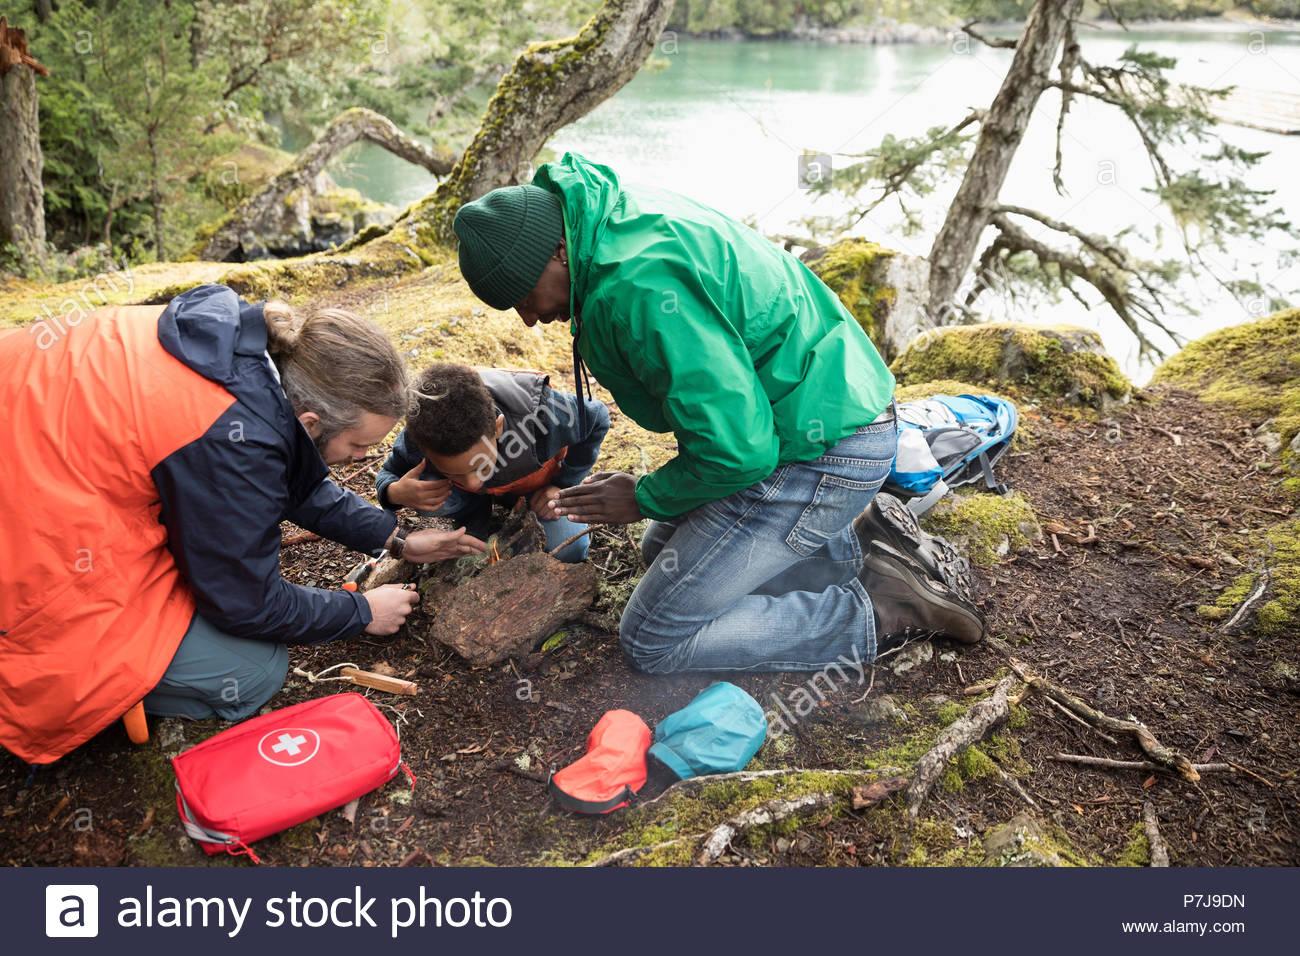 Trail Guide lehre Vater und Sohn wie ein Lagerfeuer im Wald zu bauen Stockbild